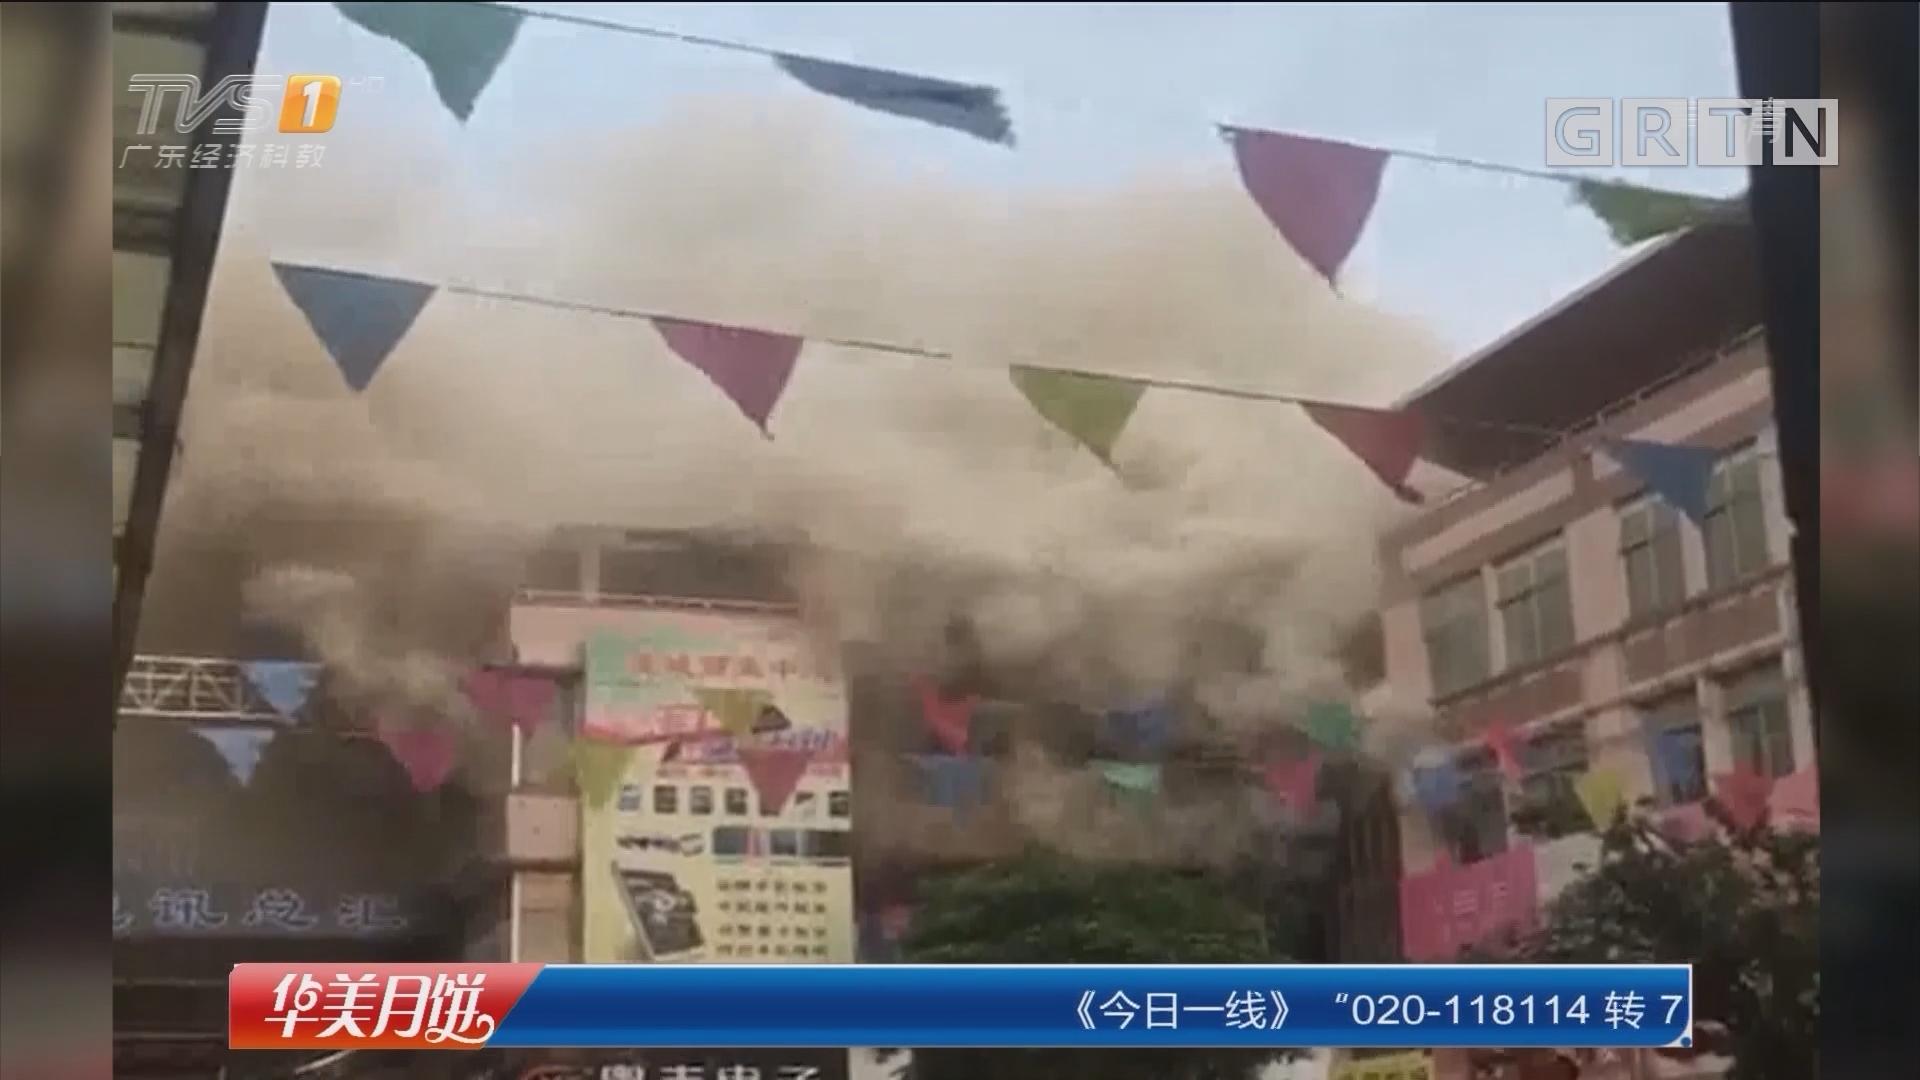 东莞莞城:商铺突然起火 消防迅速扑救